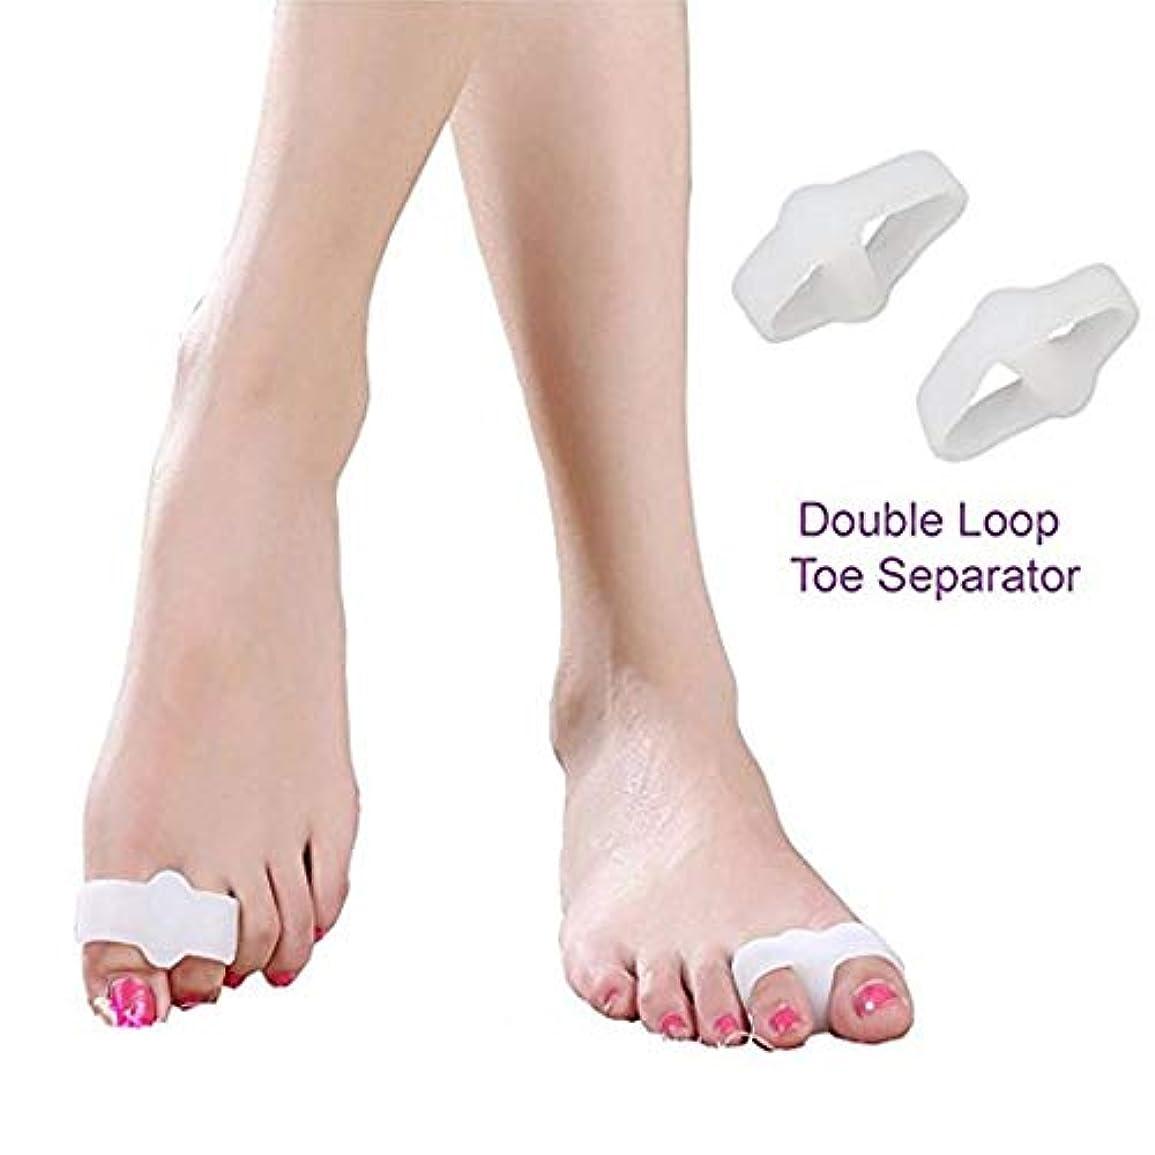 必要条件気分志す外反母趾サポーター 親指矯正グッズ 厚型ジェルパッド 足指を広げる 痛み改善 快適歩行 靴下履ける 高品質シリコン制 伸縮性 通気性 男女兼用 [5組] おしゃれ 人気